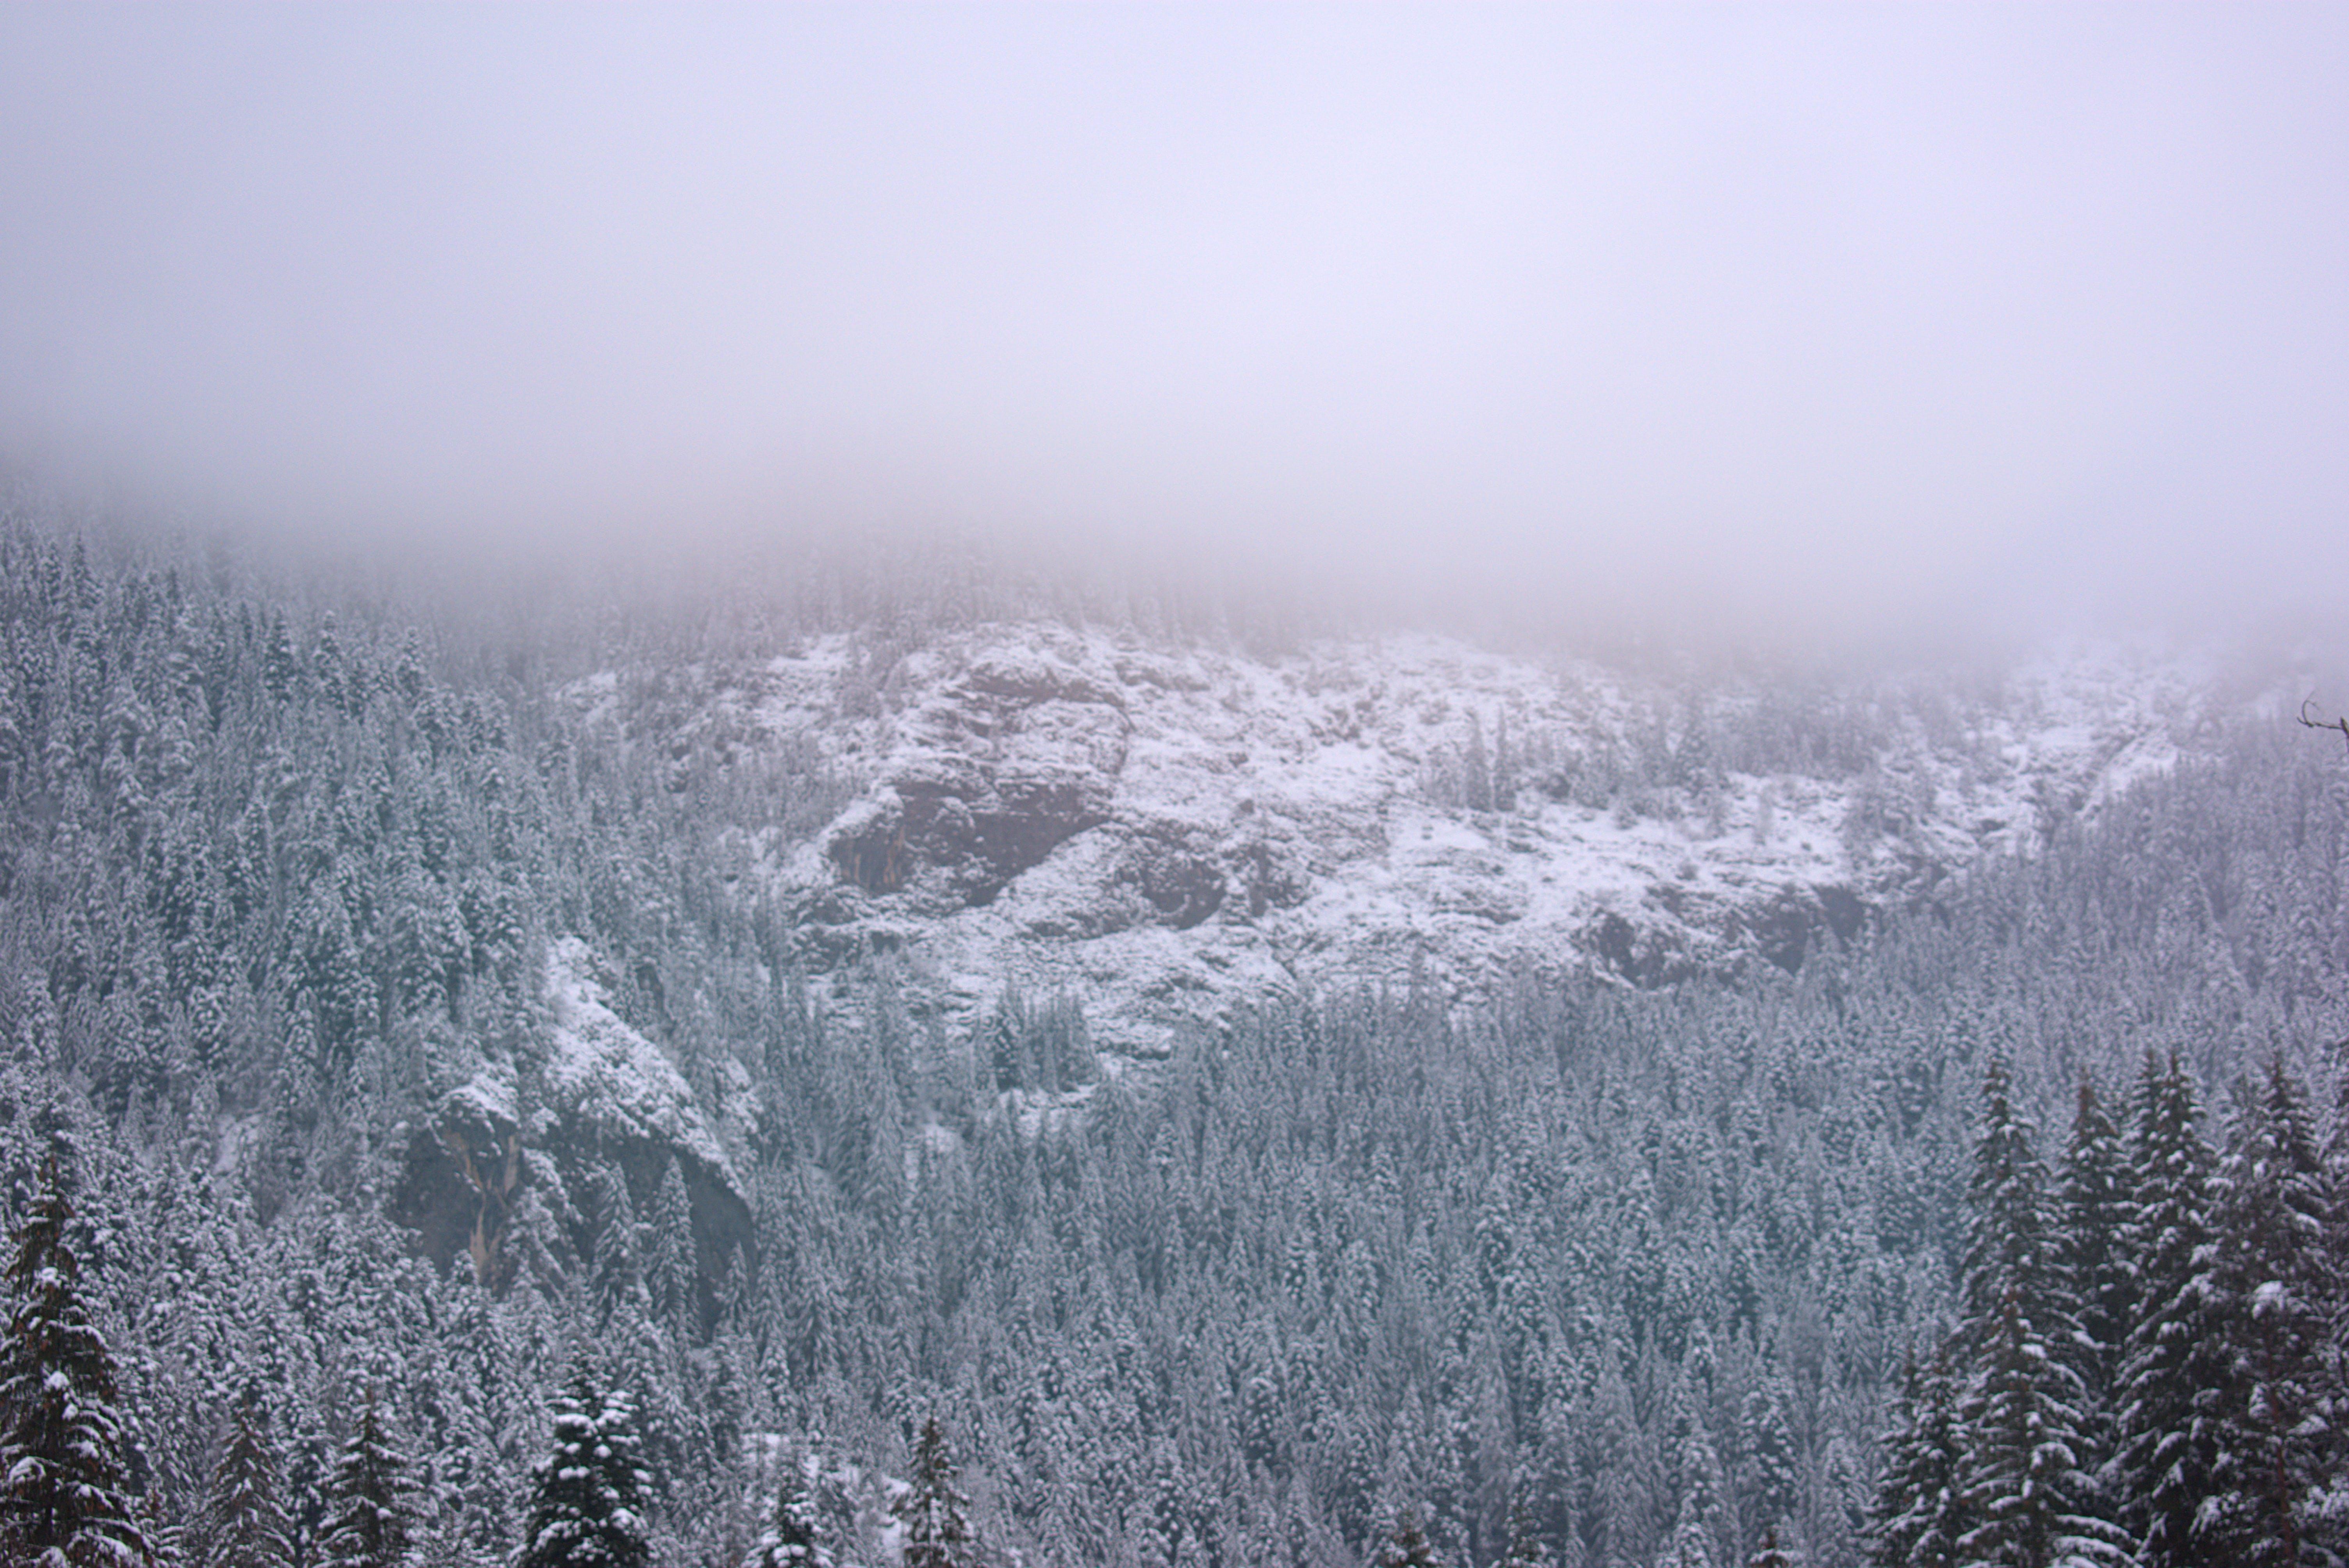 ağaçlar, buz tutmuş, dağ